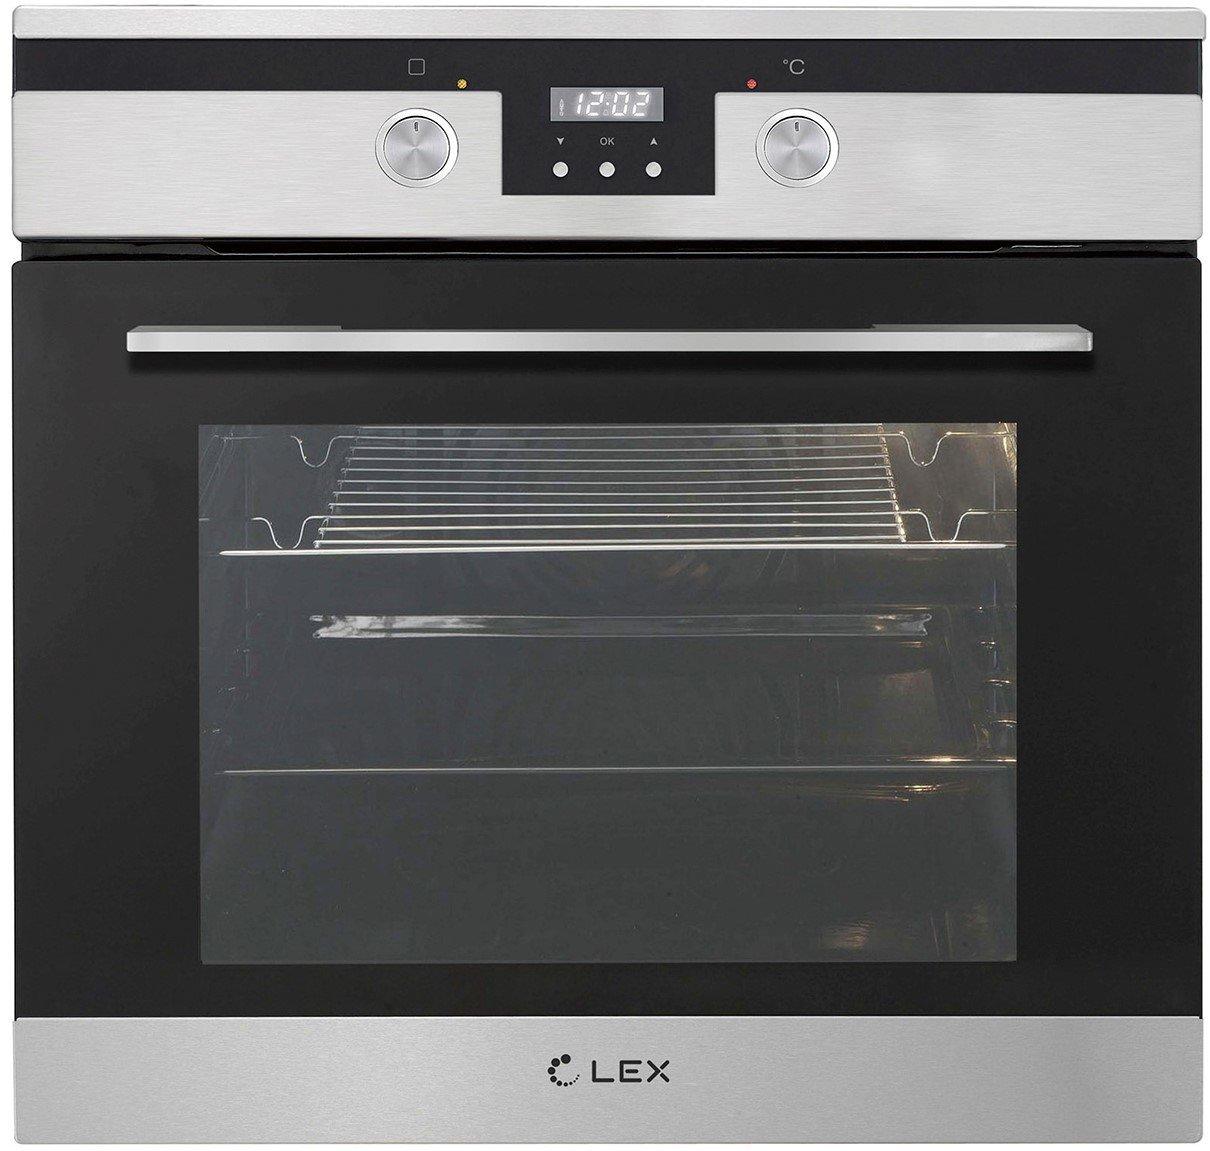 Lex EDP 092 IX стекло черное/нержавеющая сталь